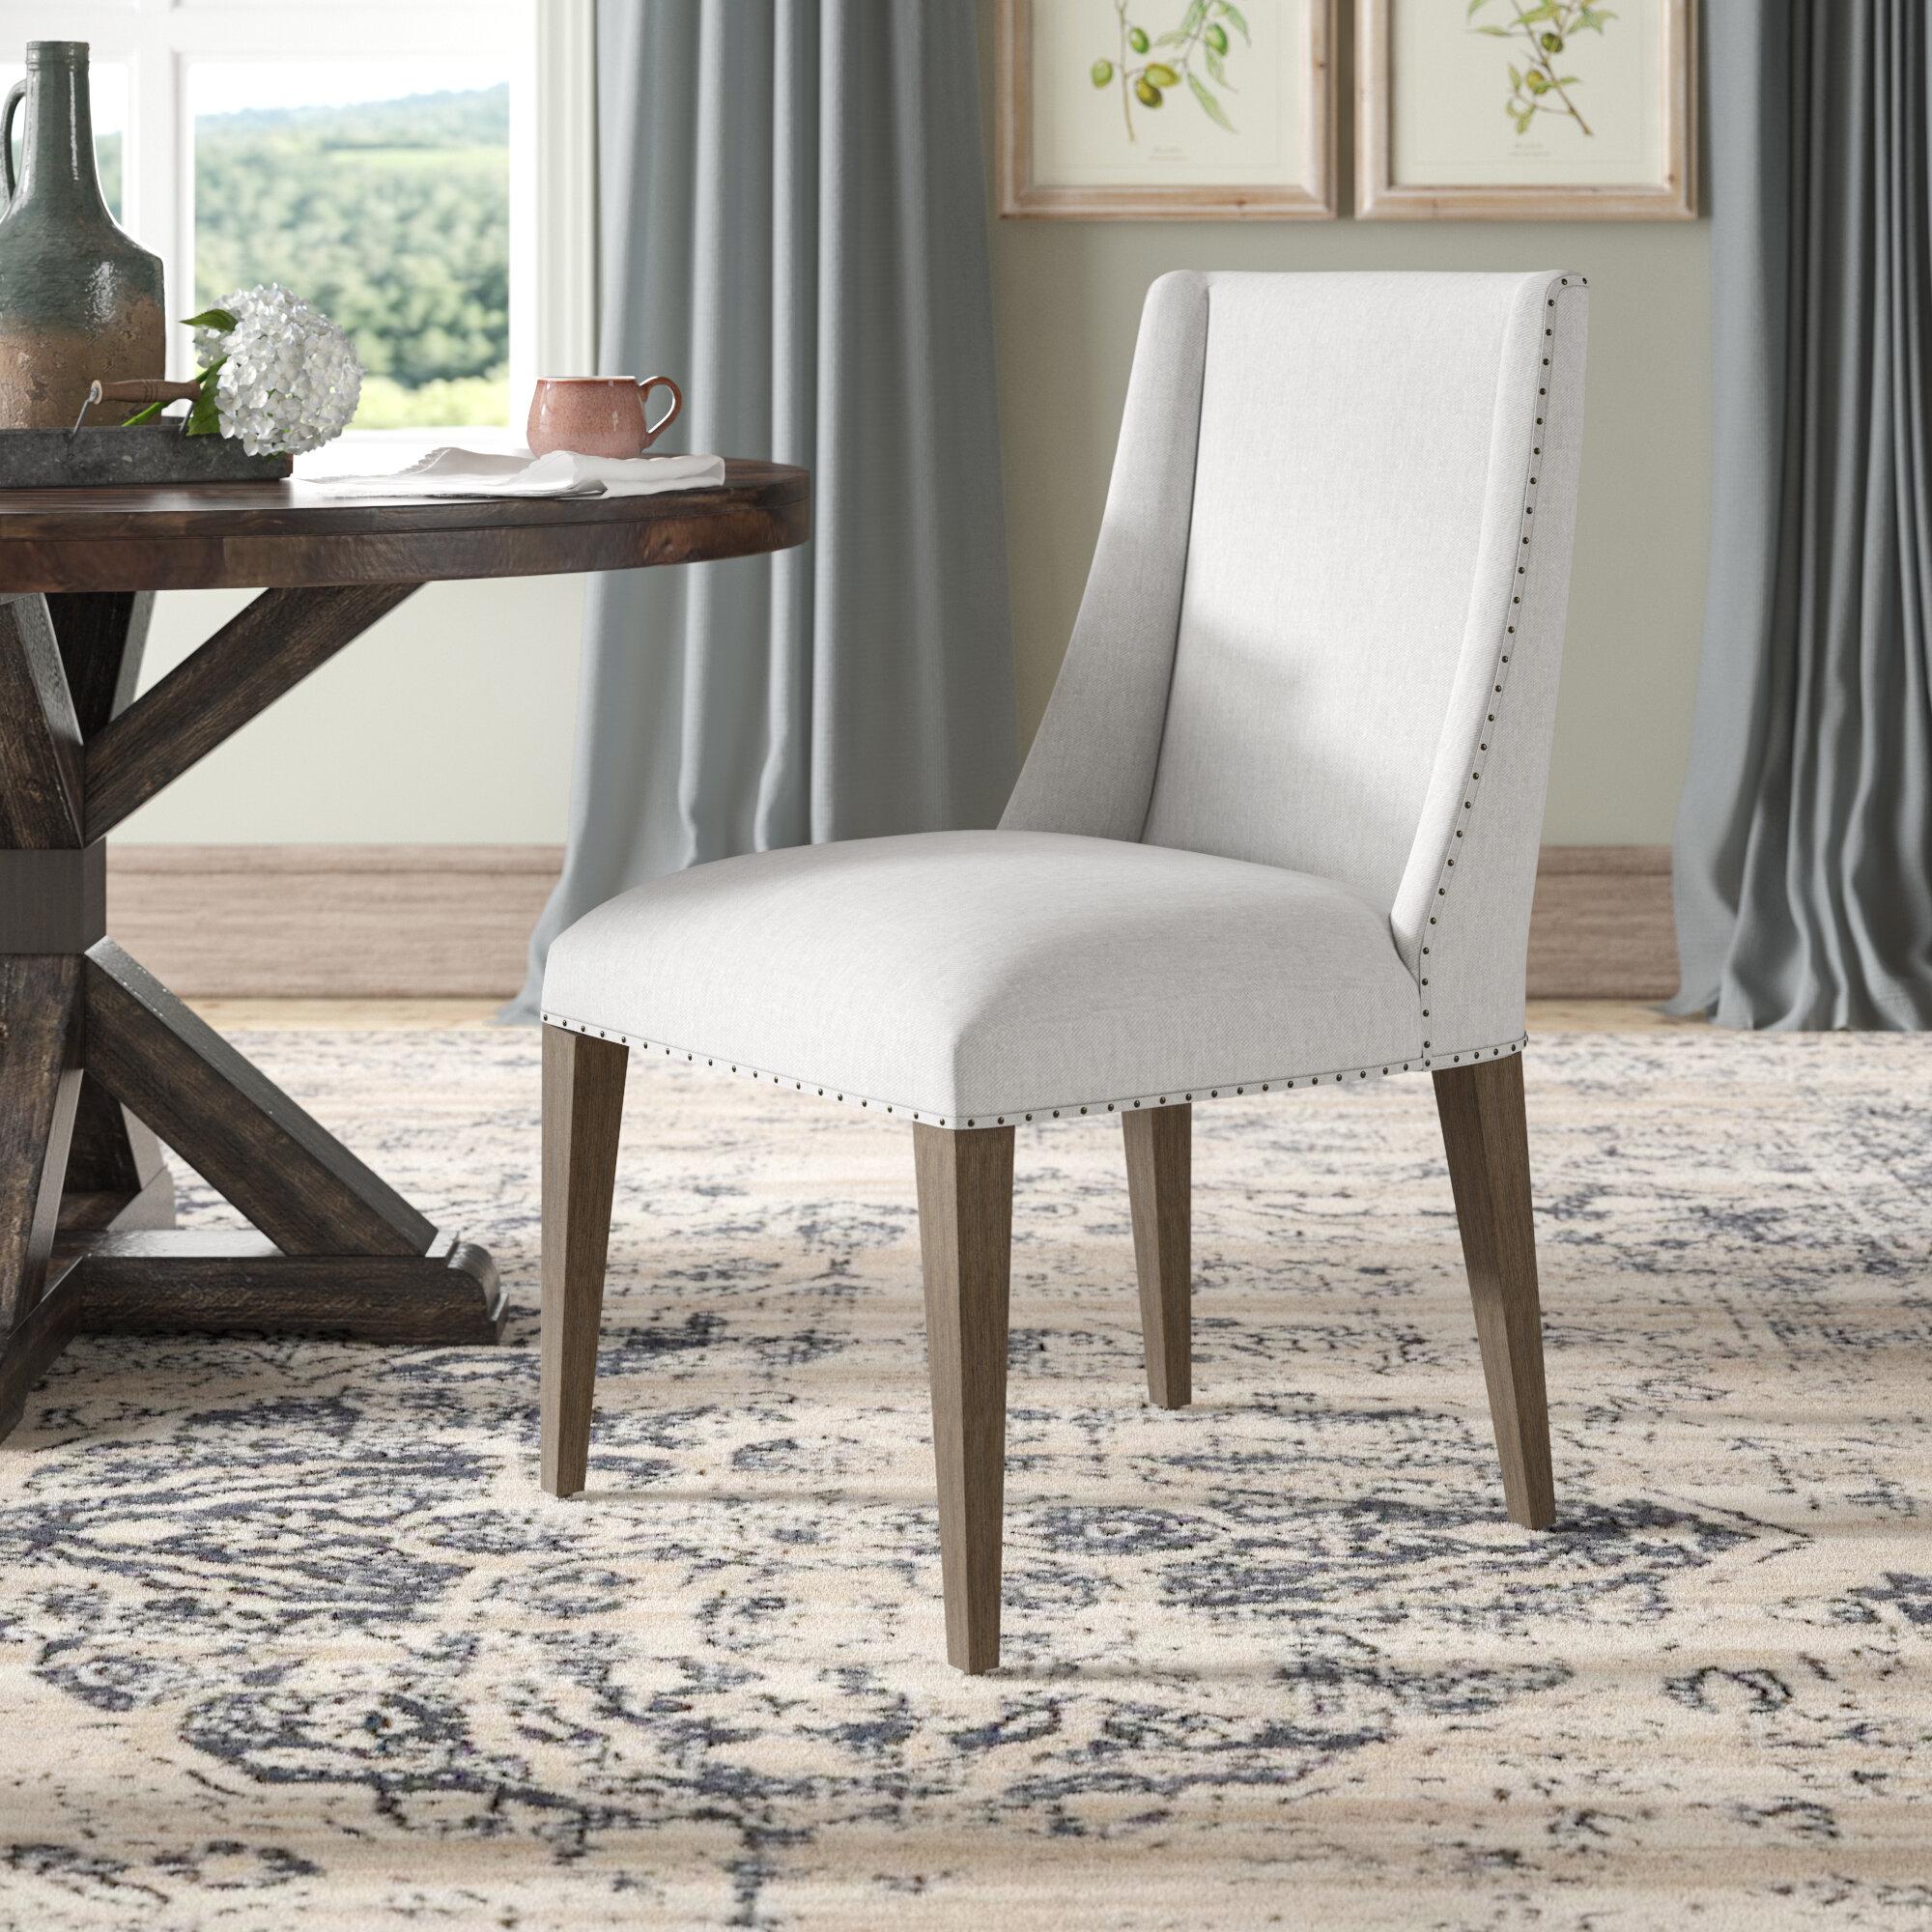 Laurel Foundry Modern Farmhouse Ferndown Upholstered Side Chair In White